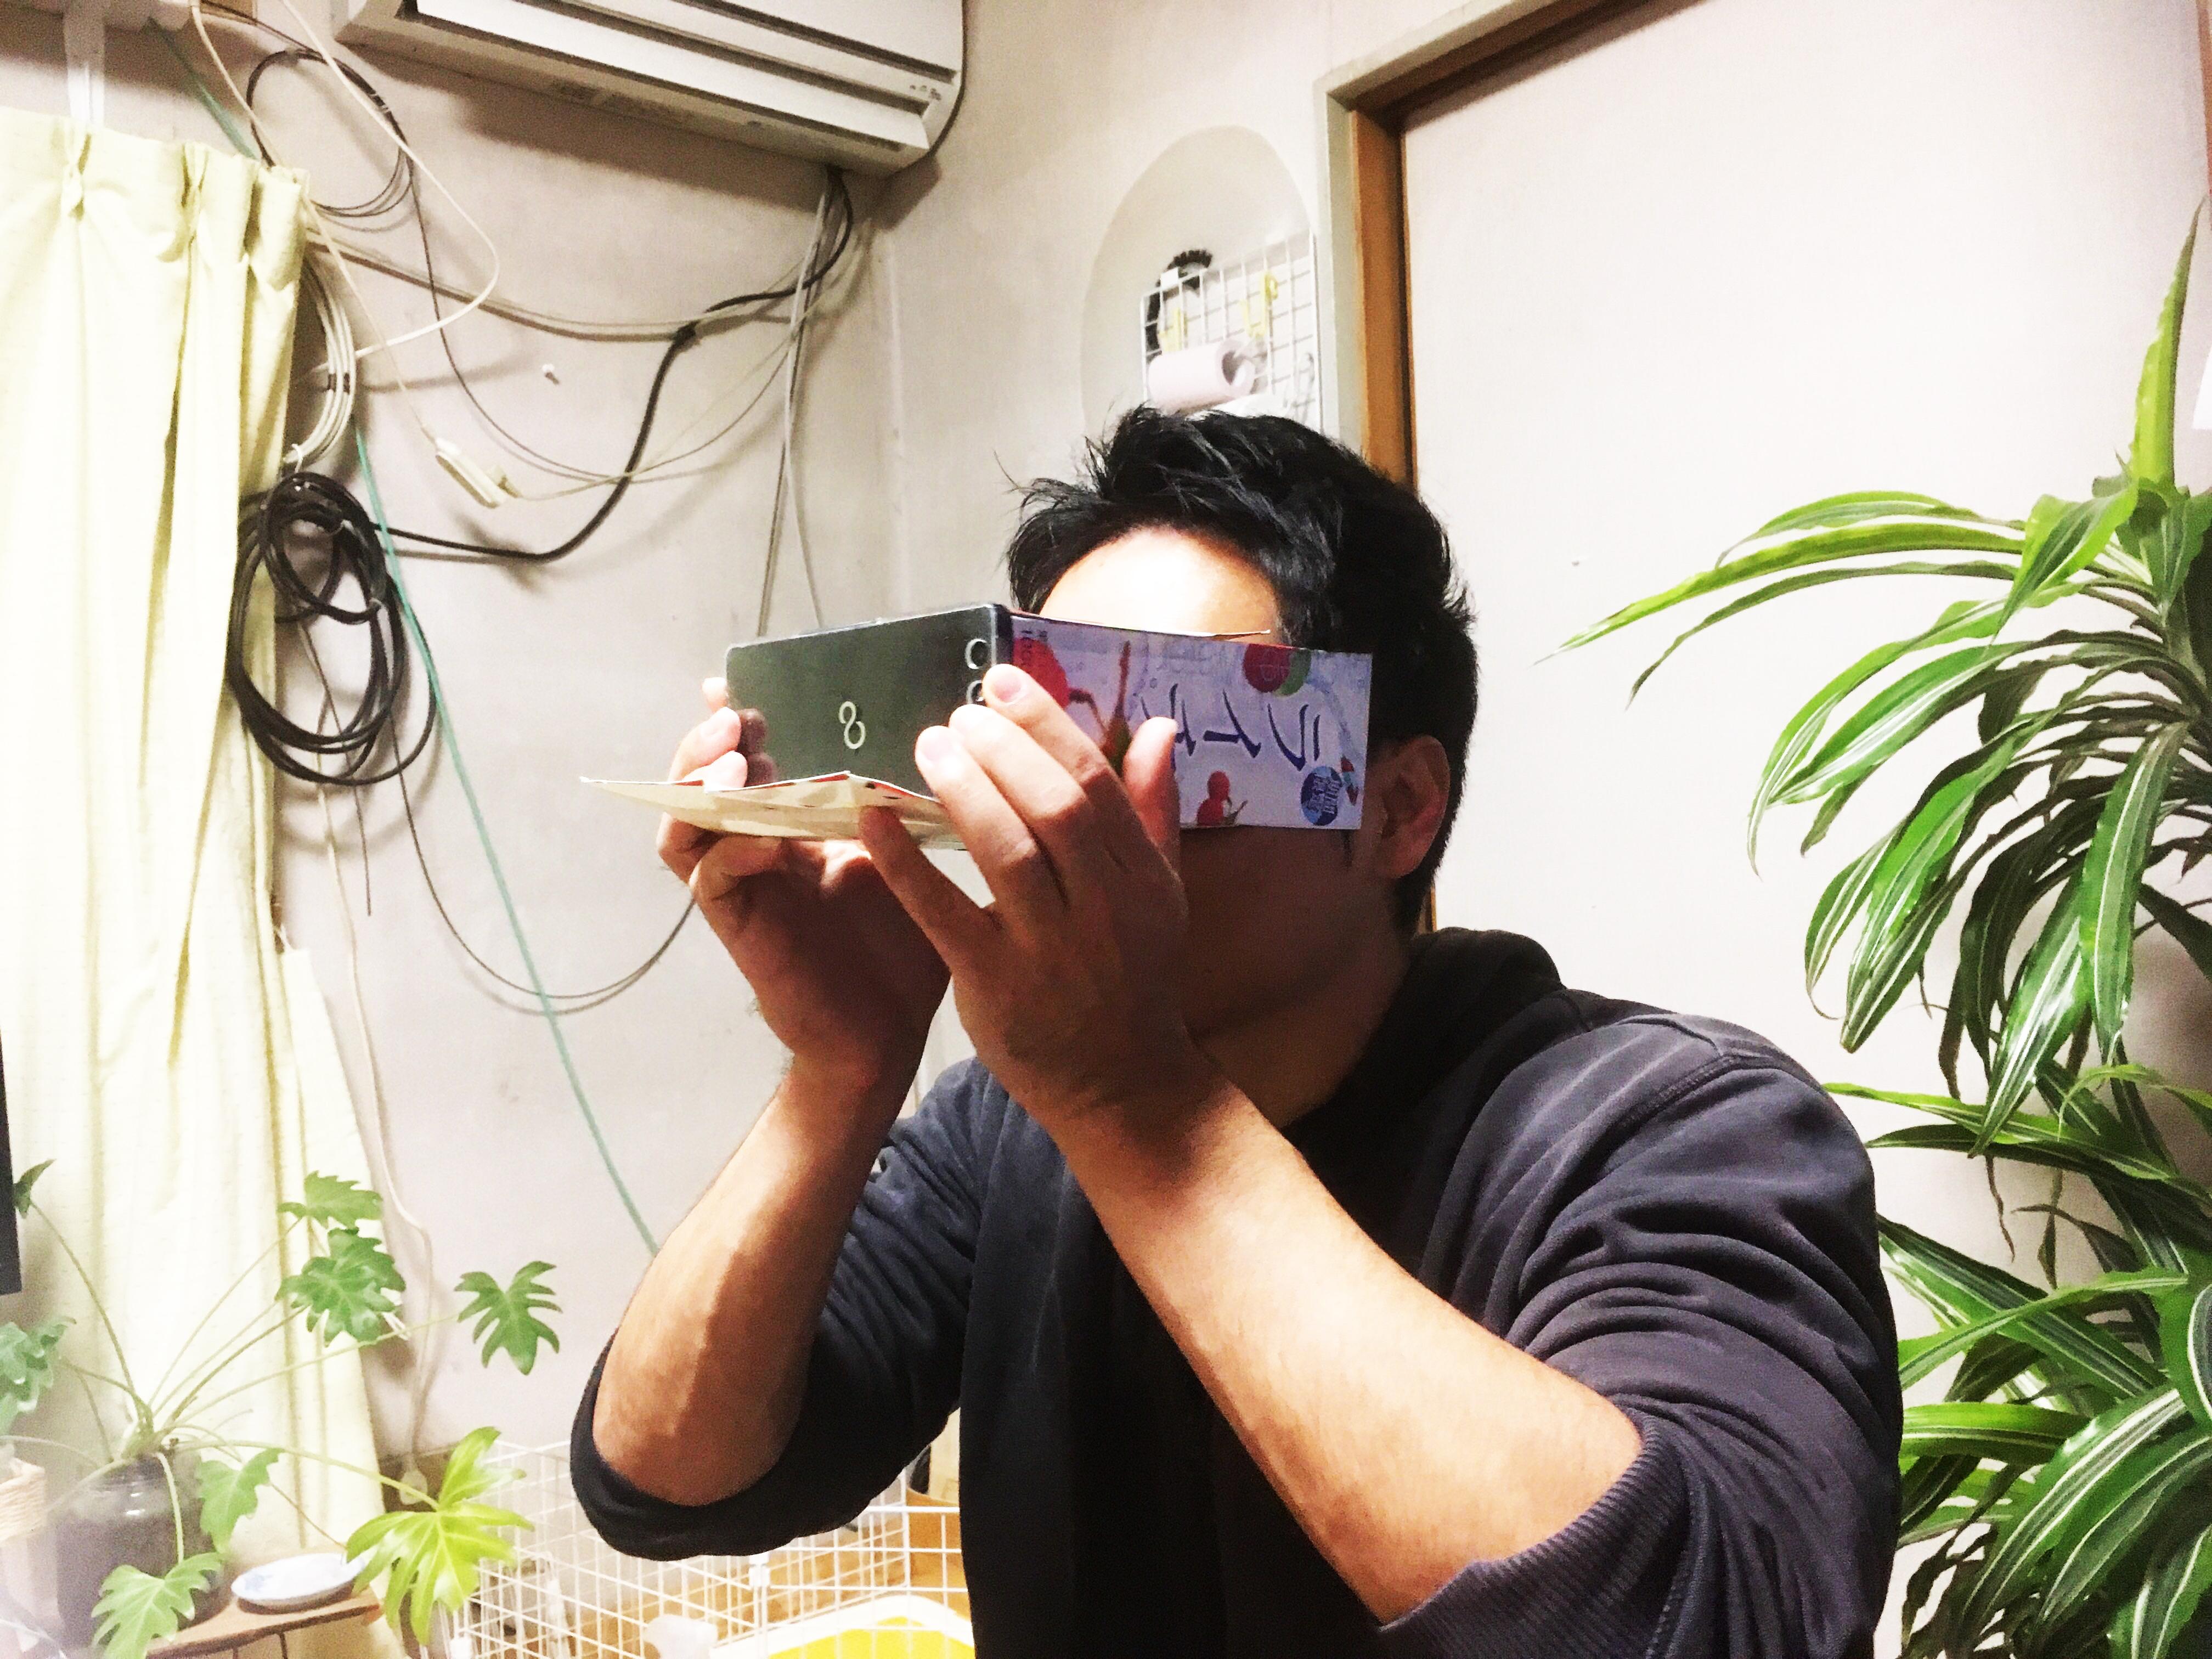 OculusRift/VR BOSS/Canbor/紙パック+老眼鏡x2/100円レンズ/様々なUnity用のVRゴーグルテスト勉強会